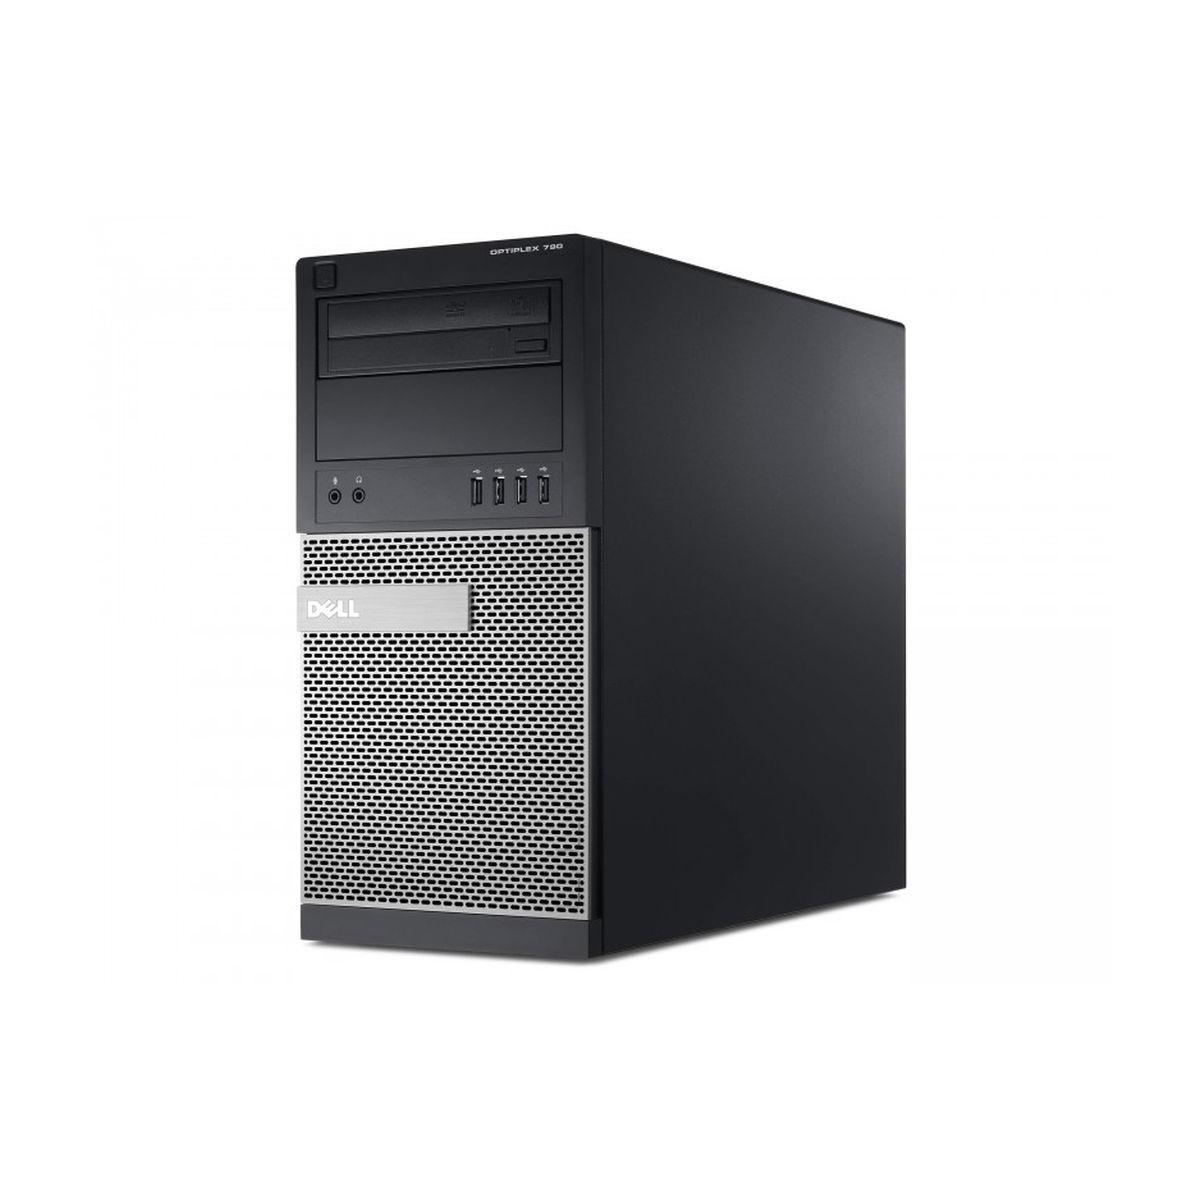 DELL 790 i7-2600 16GB 500GB SSD 500GB HDD WIN10 PR